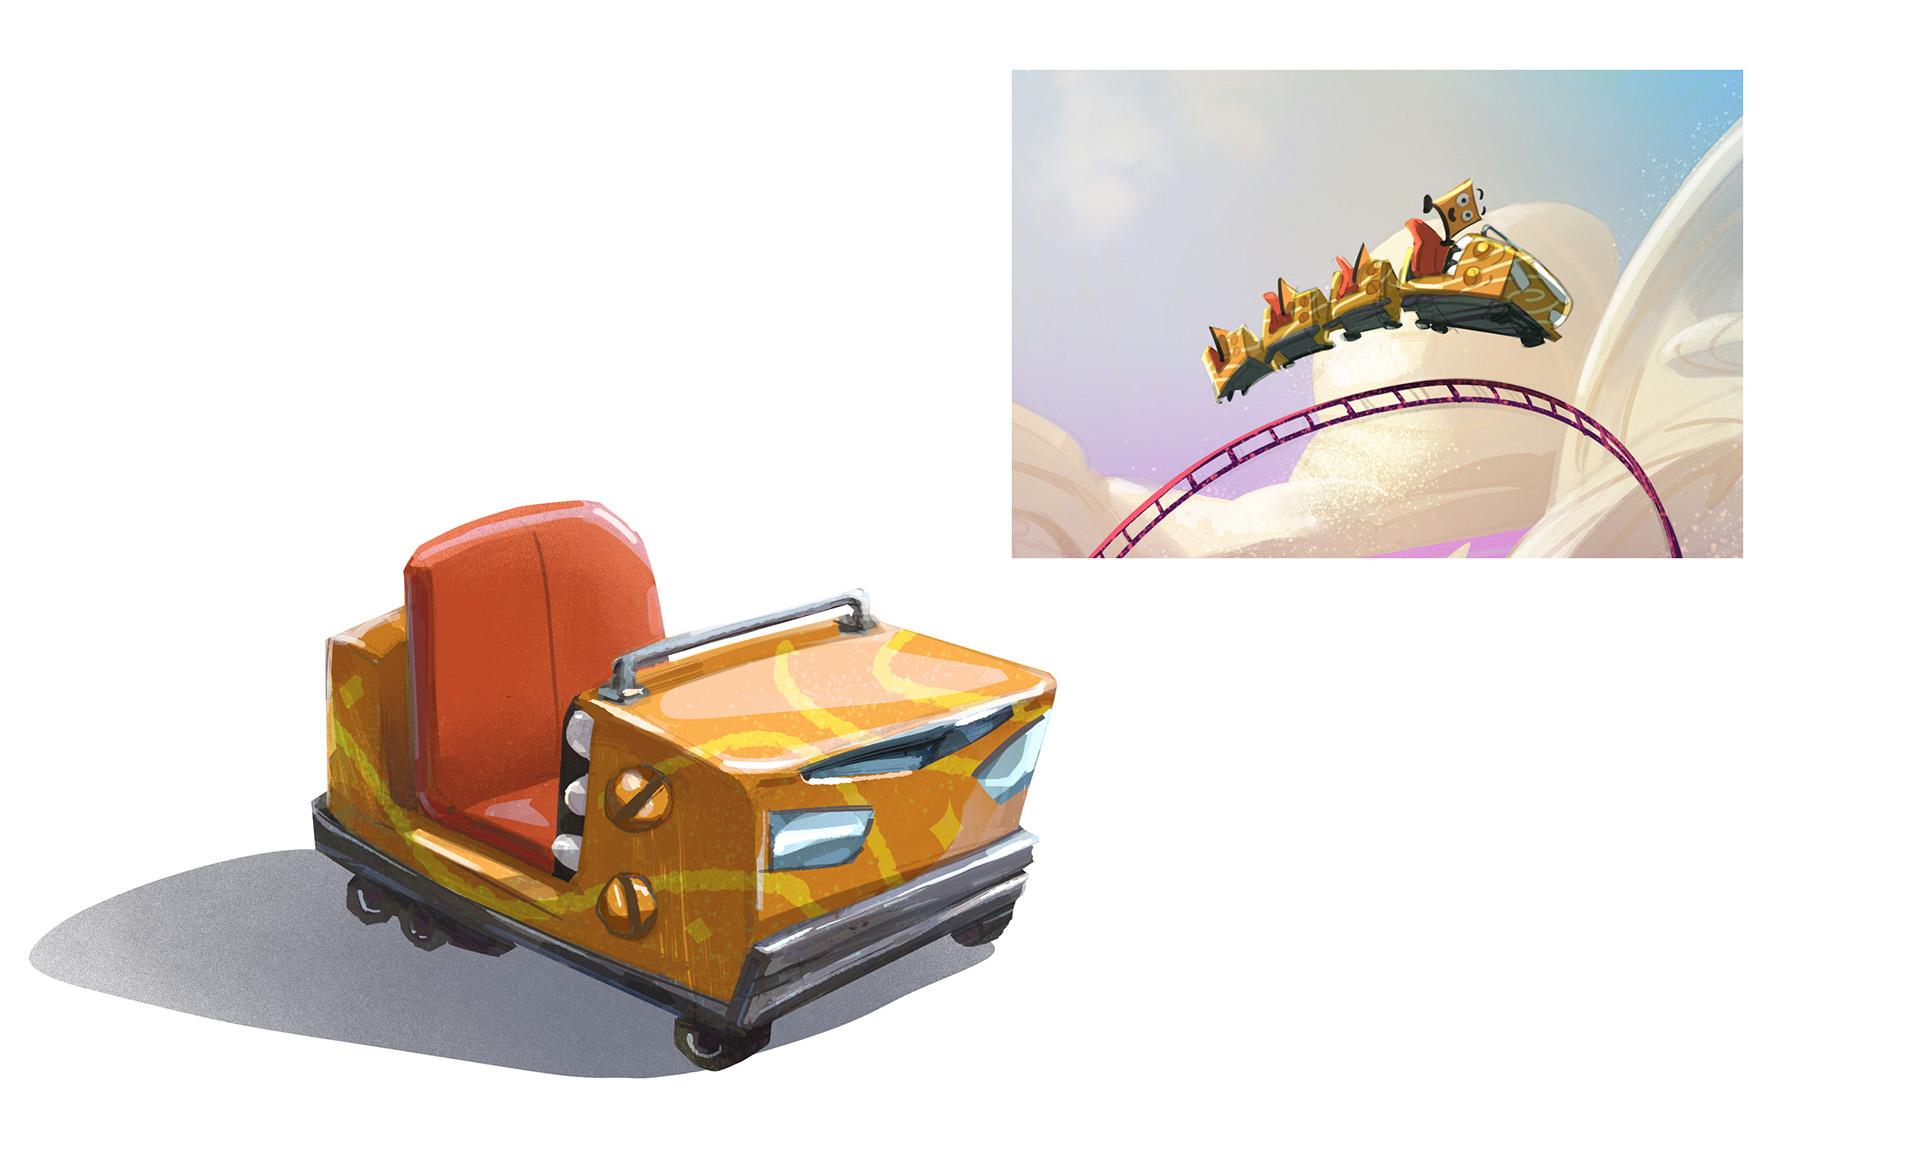 CTC_rollercoaster_final-cart-design.jpg